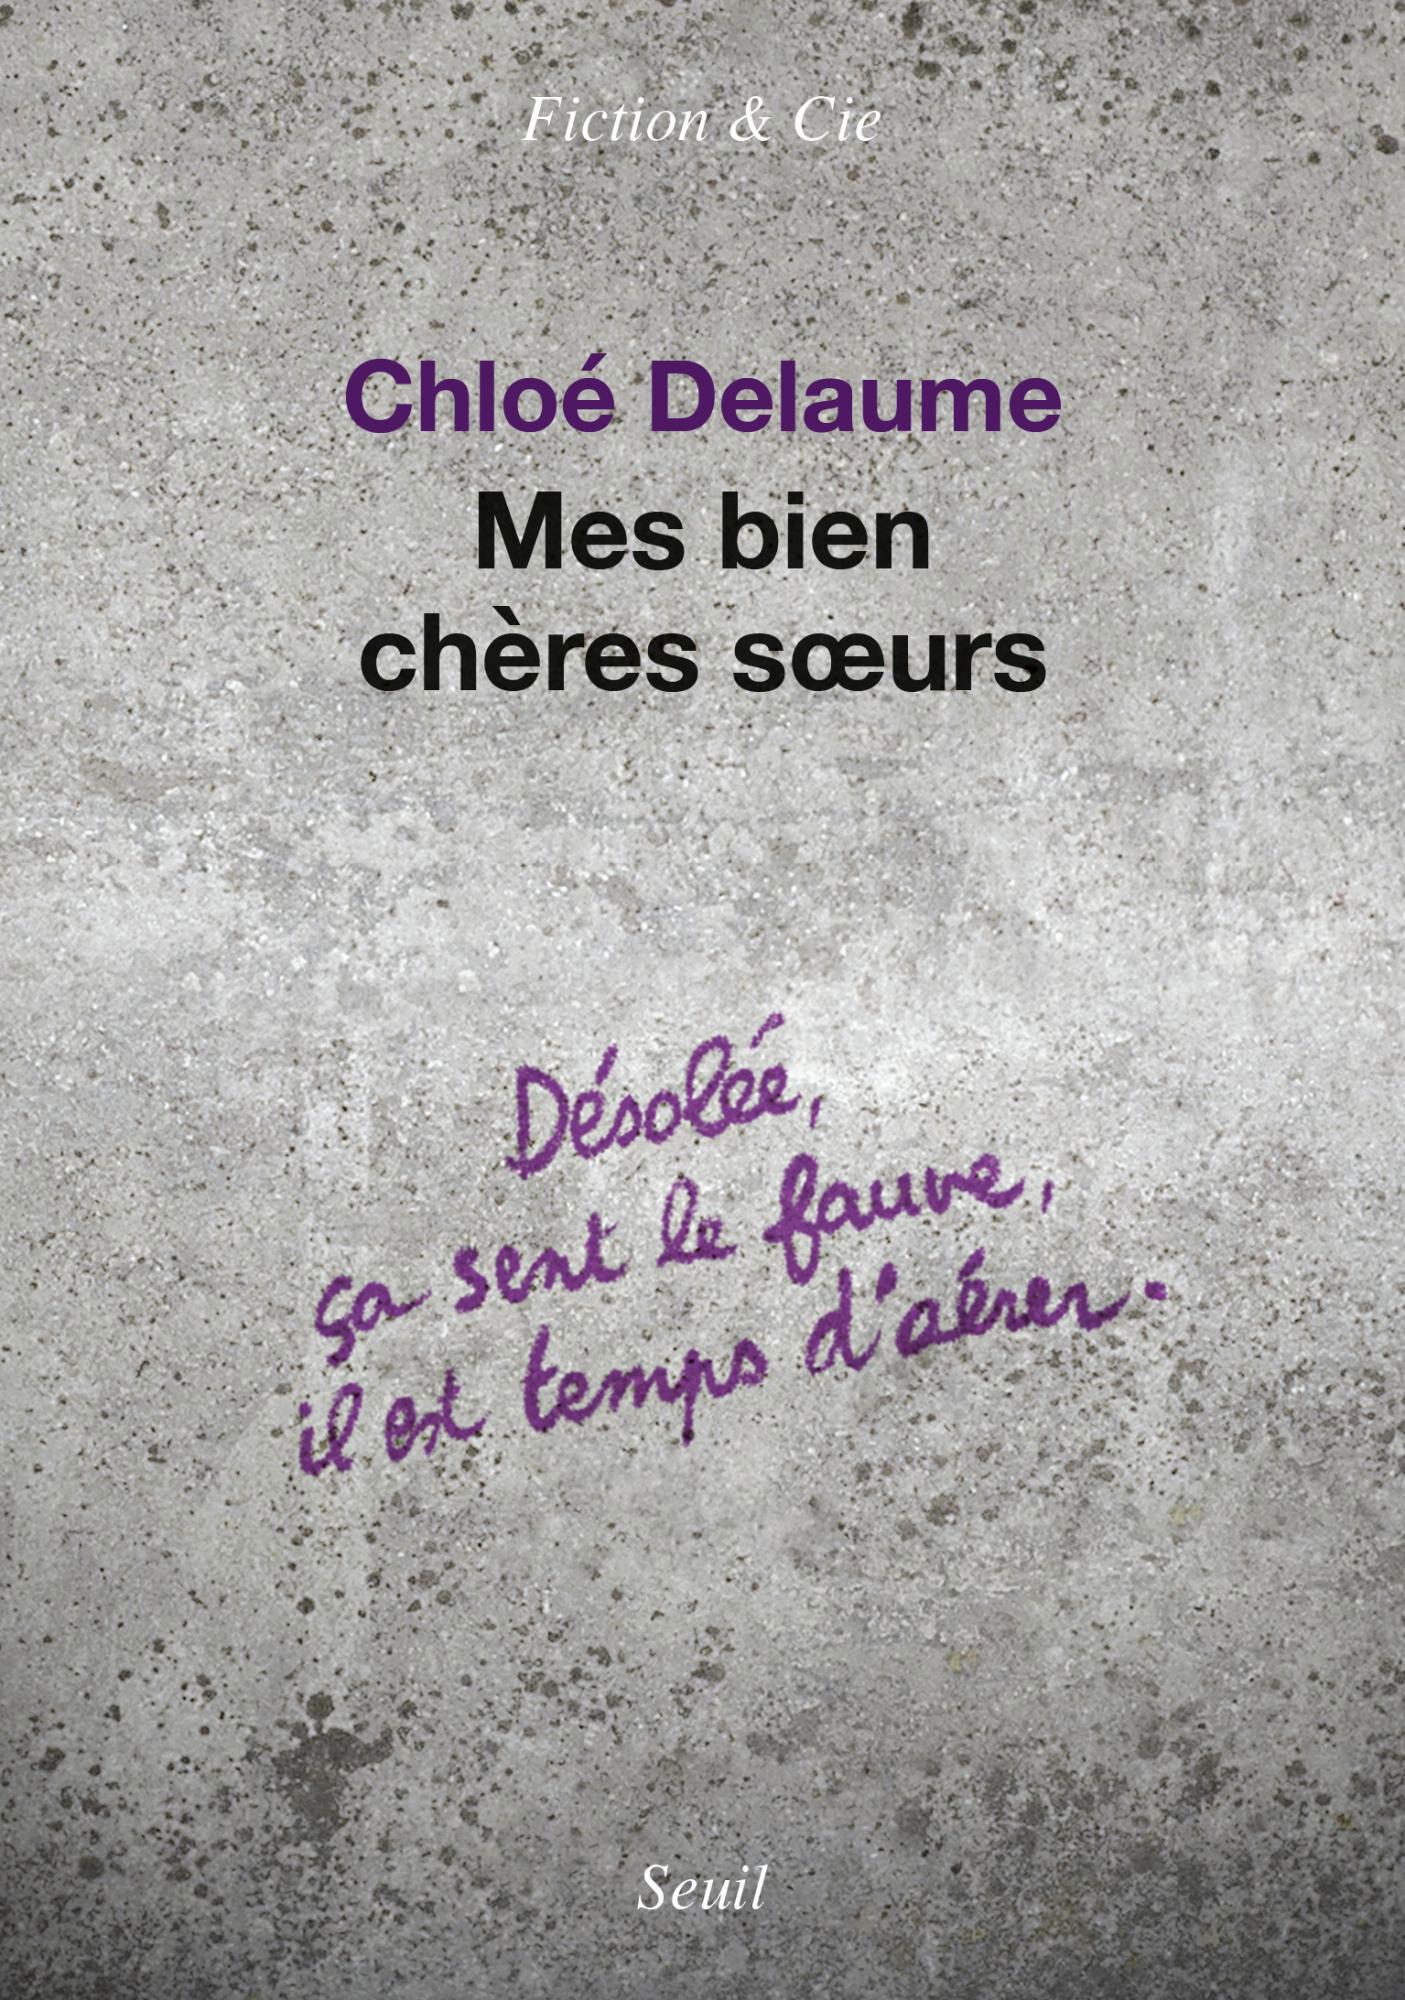 Lectures de Yuyine, Chloé Delaume, Mes bien chères soeurs